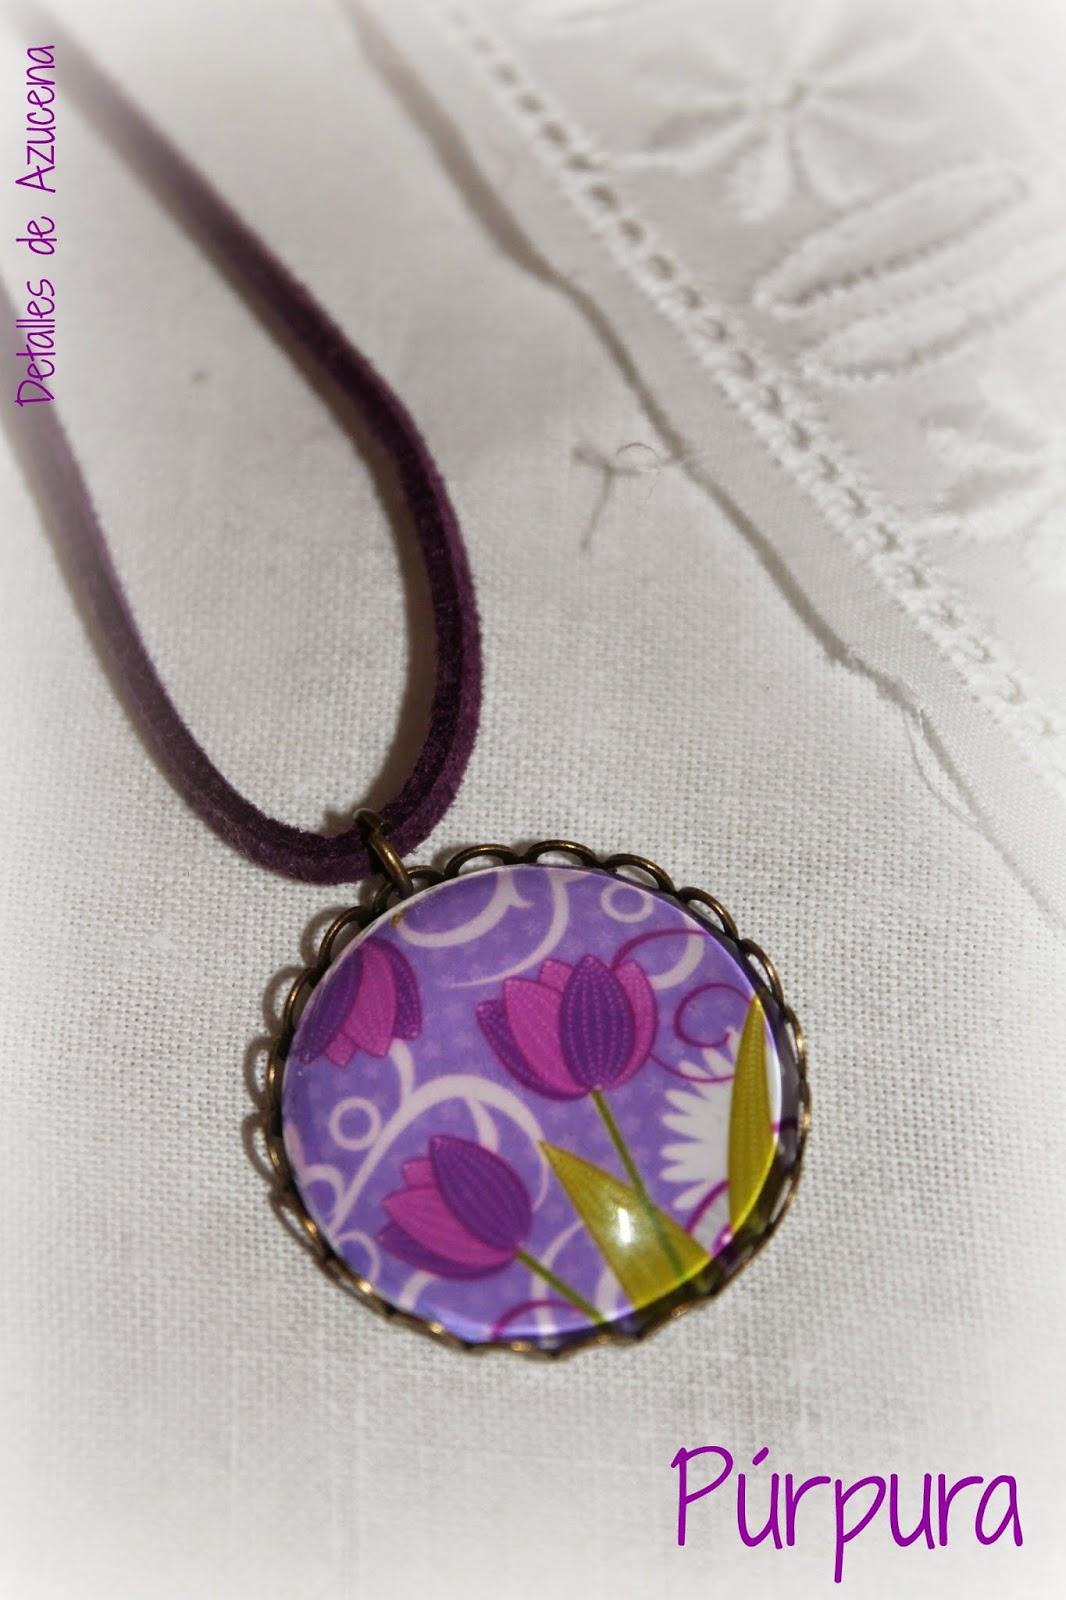 Bisutería creativa: colgante Púrpura